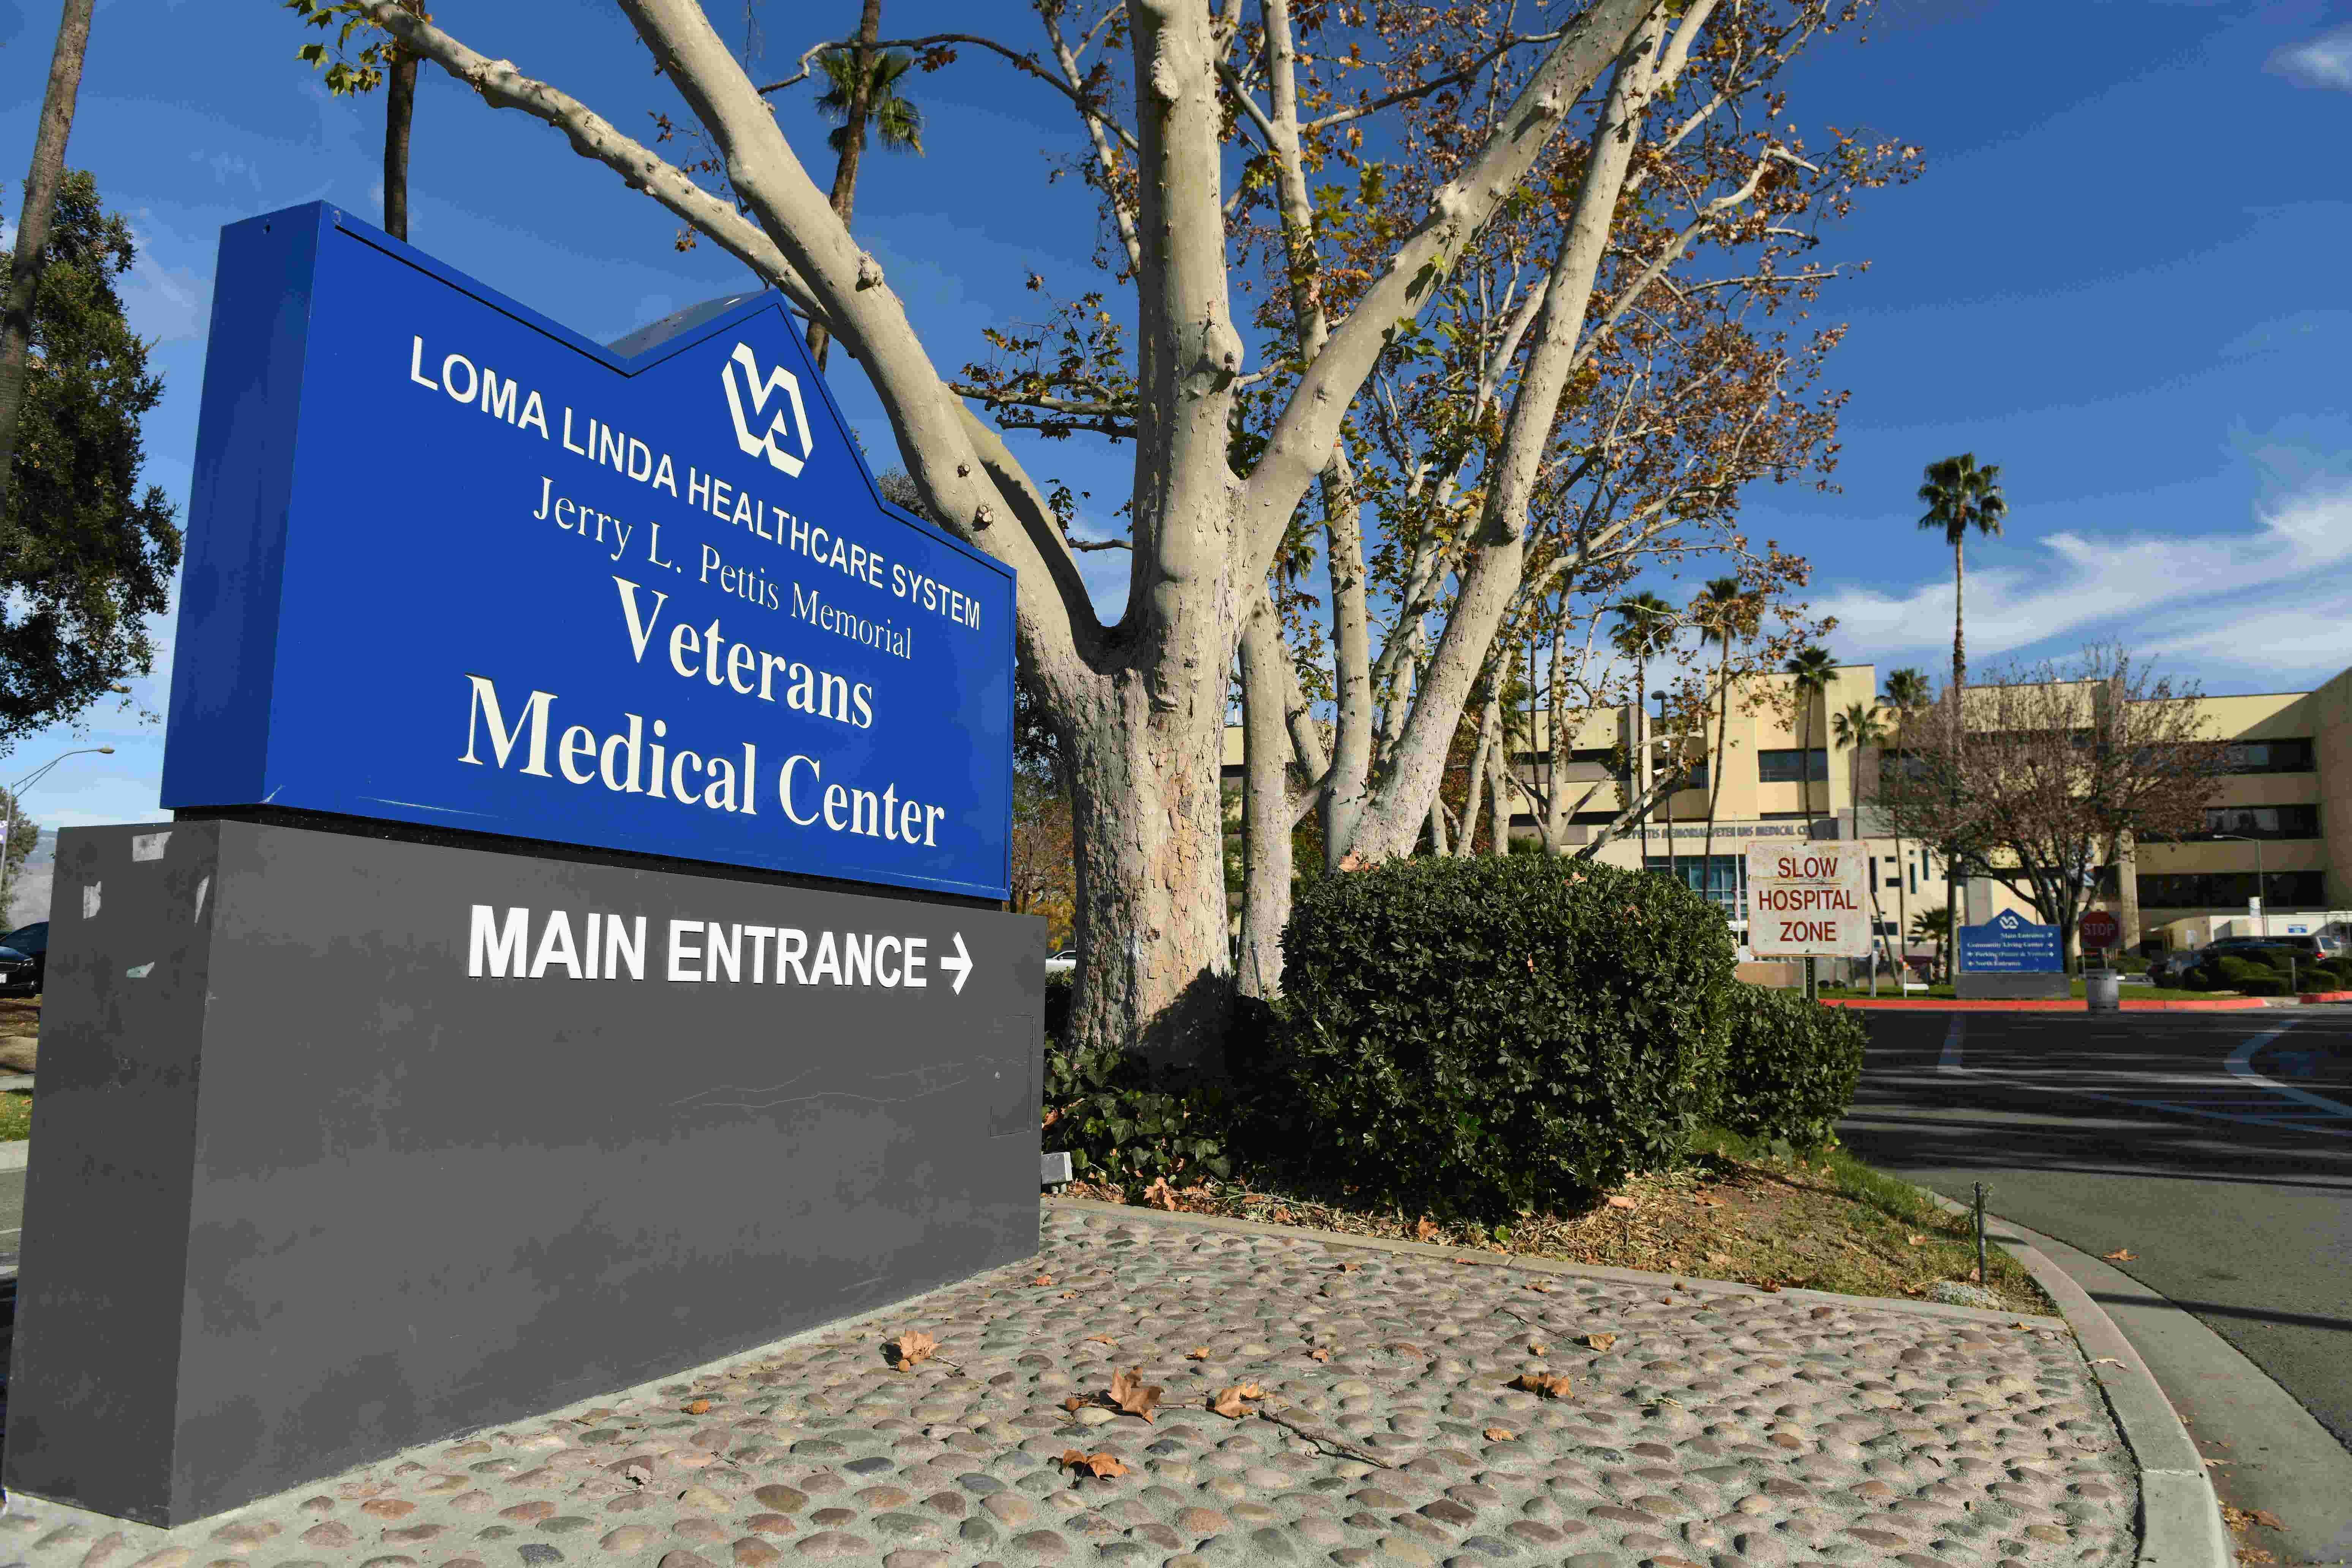 Veterans are enduring longer emergency room wait times